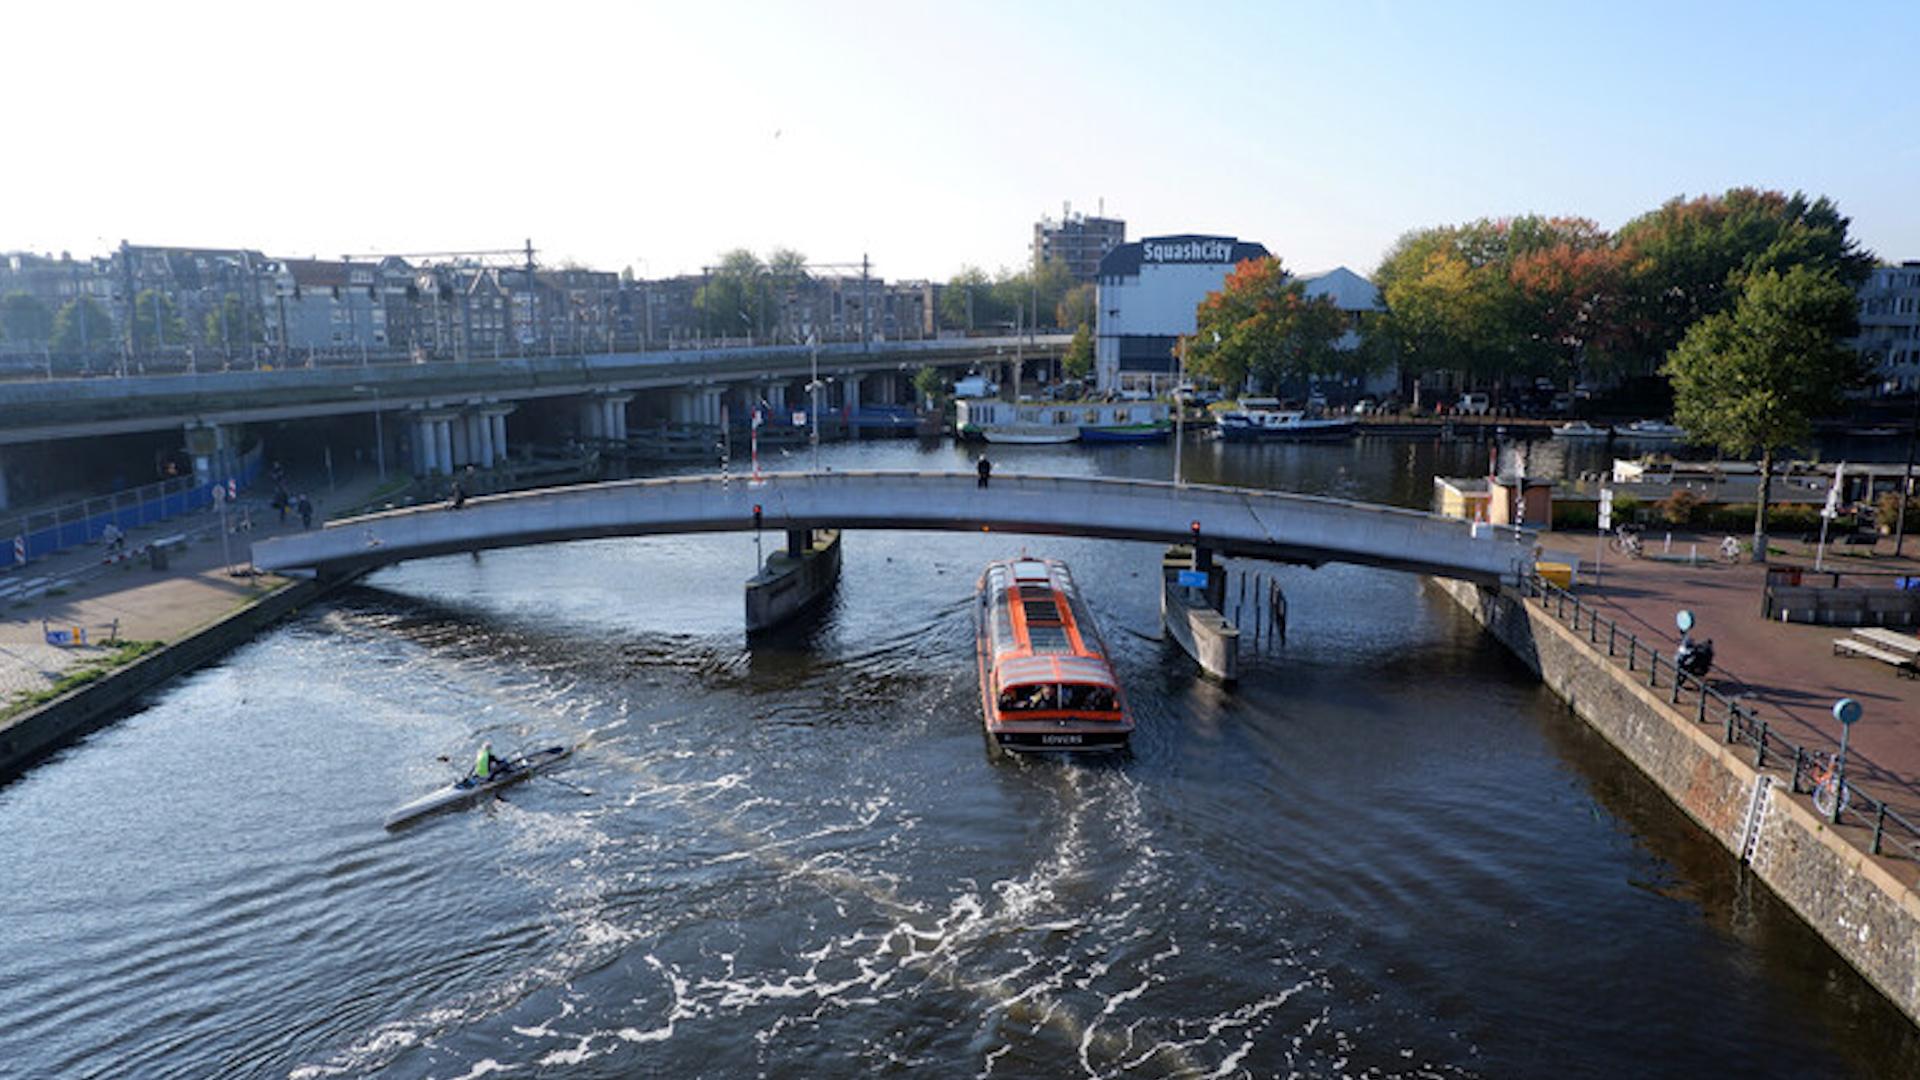 """Photo of Guhertina navê Hollanda bi awayekî fermî wê navê """"Netherlands"""" bikar bîne"""